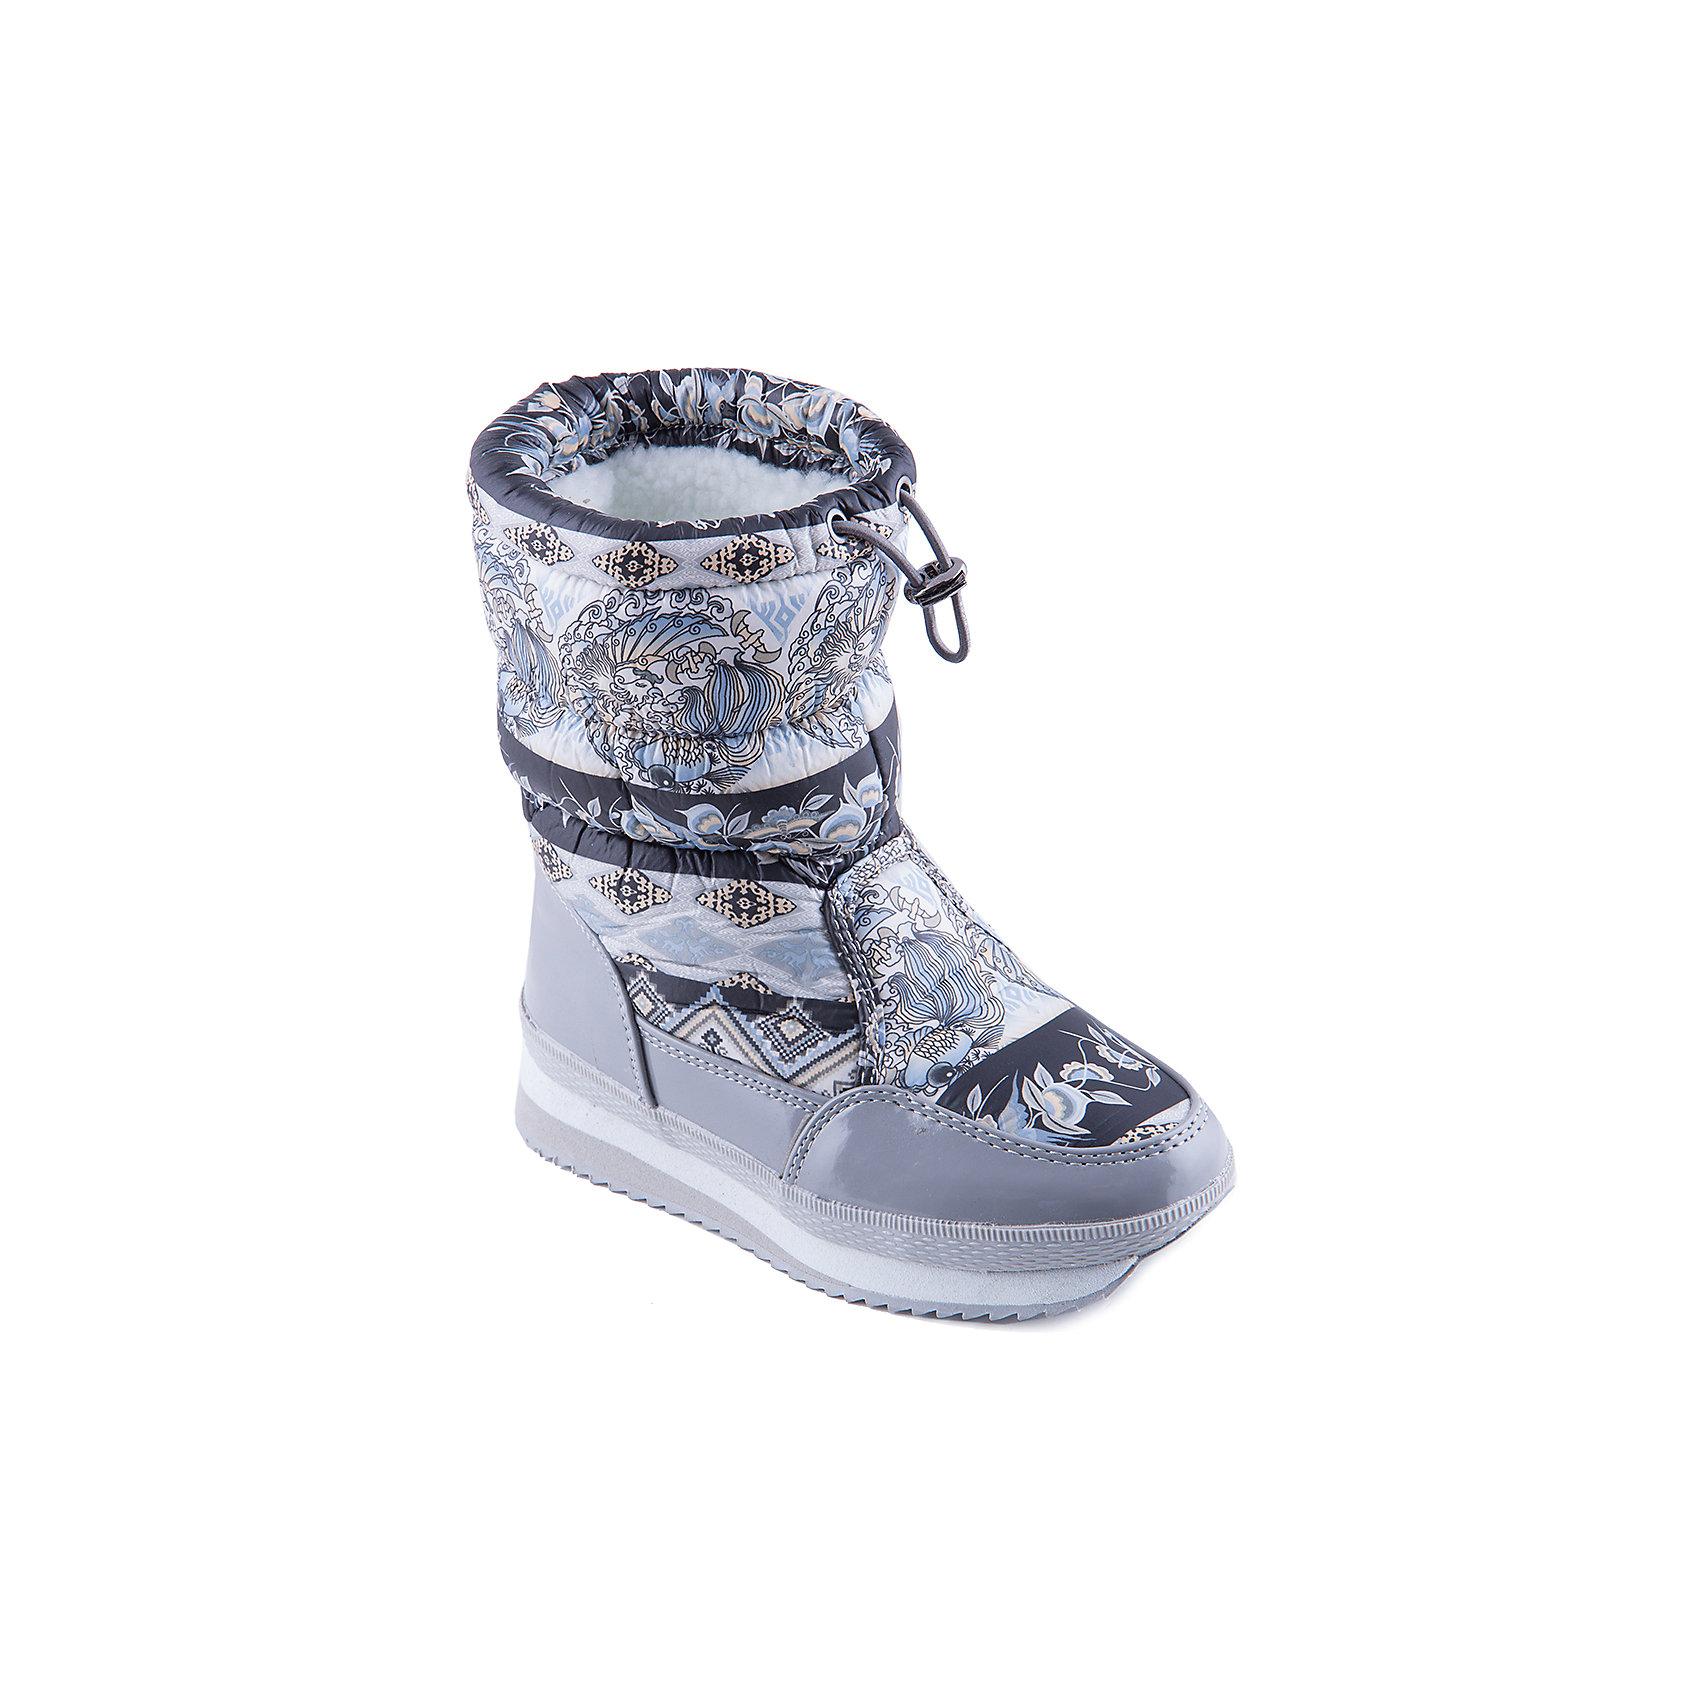 Сапоги для девочки MURSUСтильные сапоги от известного бренда MURSU порадуют всех юных модниц. Модель имеет толстую подошву, отлично защищающую ноги от холода, выполнена из высококачественных материалов, очень хорошо смотрится на ноге. Прекрасный вариант на холодную погоду. <br><br>Дополнительная информация:<br><br>- Сезон: зима/осень.<br>- Тепловой режим: от -5? до -25? <br>- Цвет: серый, белый. <br>- Рифленая подошва.<br>- Тип застежки: утяжка. <br><br>Состав:<br>- Материал верха: текстиль/ искусственная замша.<br>- Материал подкладки: искусственная шерсть.<br>- Материал подошвы: TEP.<br>- Материал стельки: искусственная шерсть.<br><br>Сапоги для девочки MURSU (Мурсу) можно купить в нашем магазине.<br><br>Ширина мм: 257<br>Глубина мм: 180<br>Высота мм: 130<br>Вес г: 420<br>Цвет: серый<br>Возраст от месяцев: 144<br>Возраст до месяцев: 156<br>Пол: Женский<br>Возраст: Детский<br>Размер: 36,37,32,35,33,34<br>SKU: 4202582